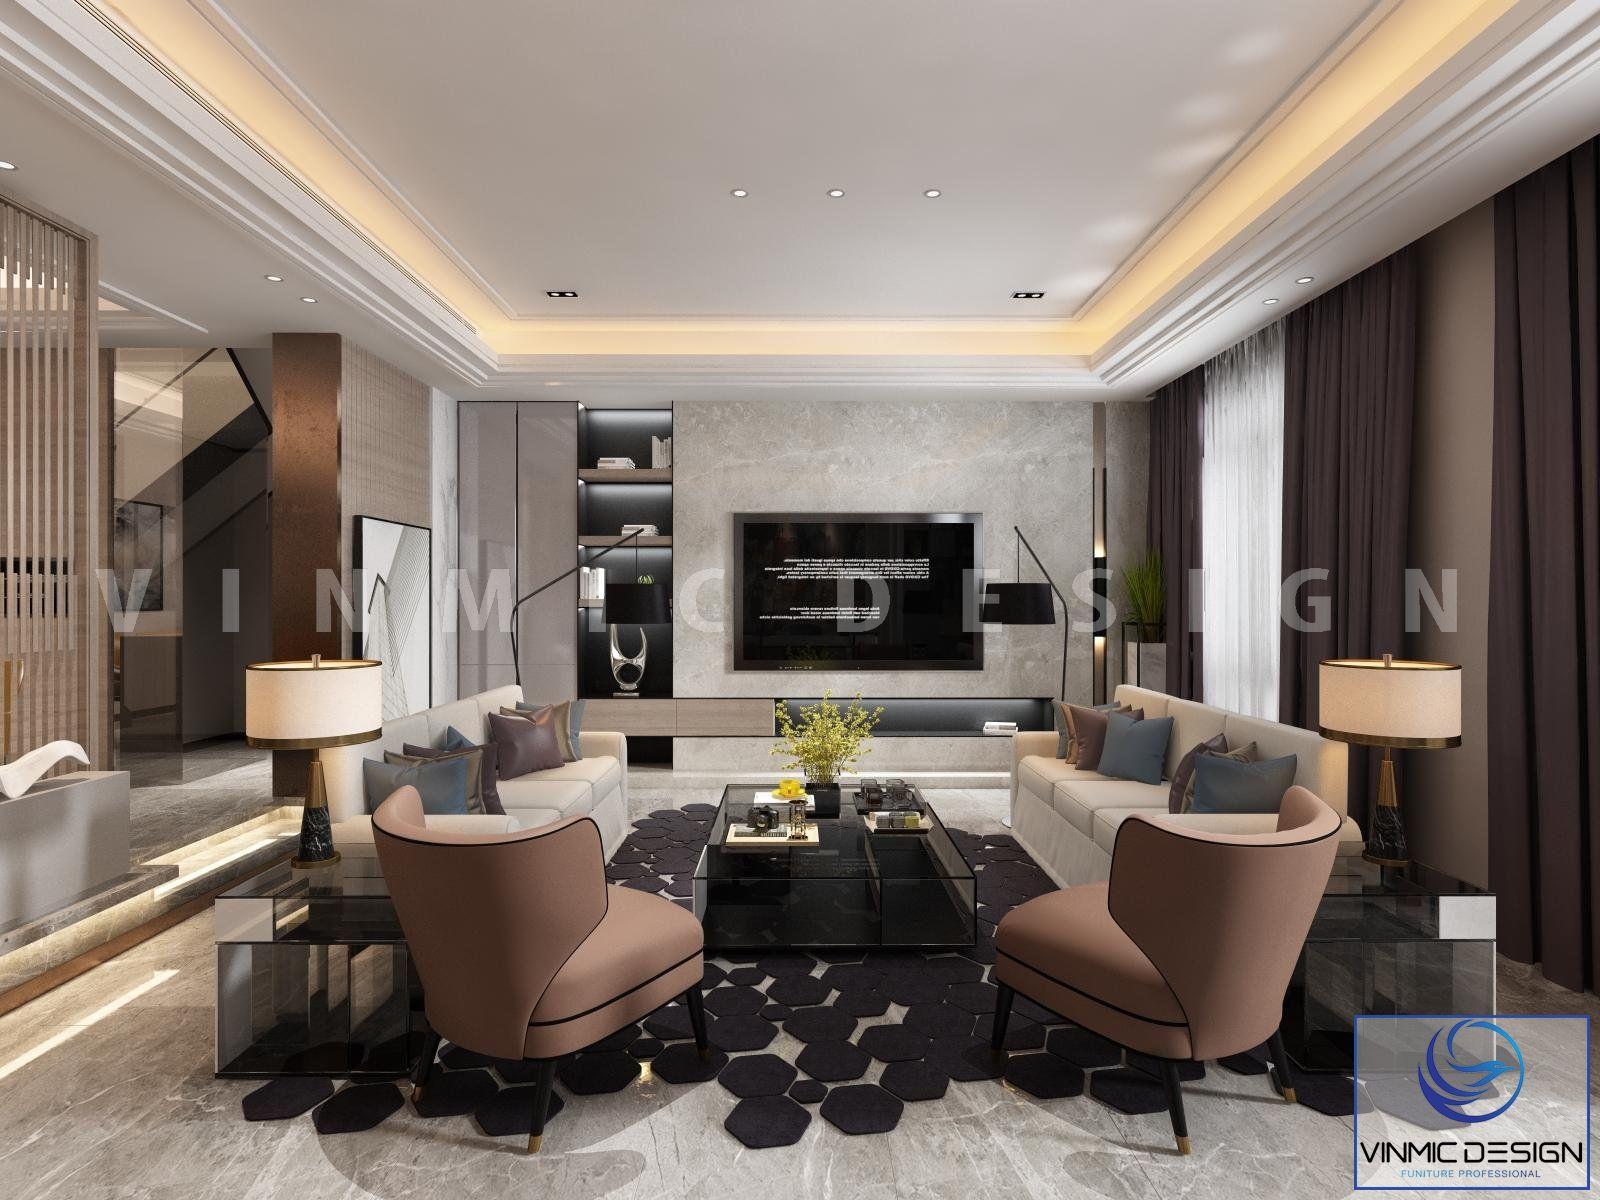 Thiết kế nội thất nhà phố tại Hải Phòng cho 2 tầng